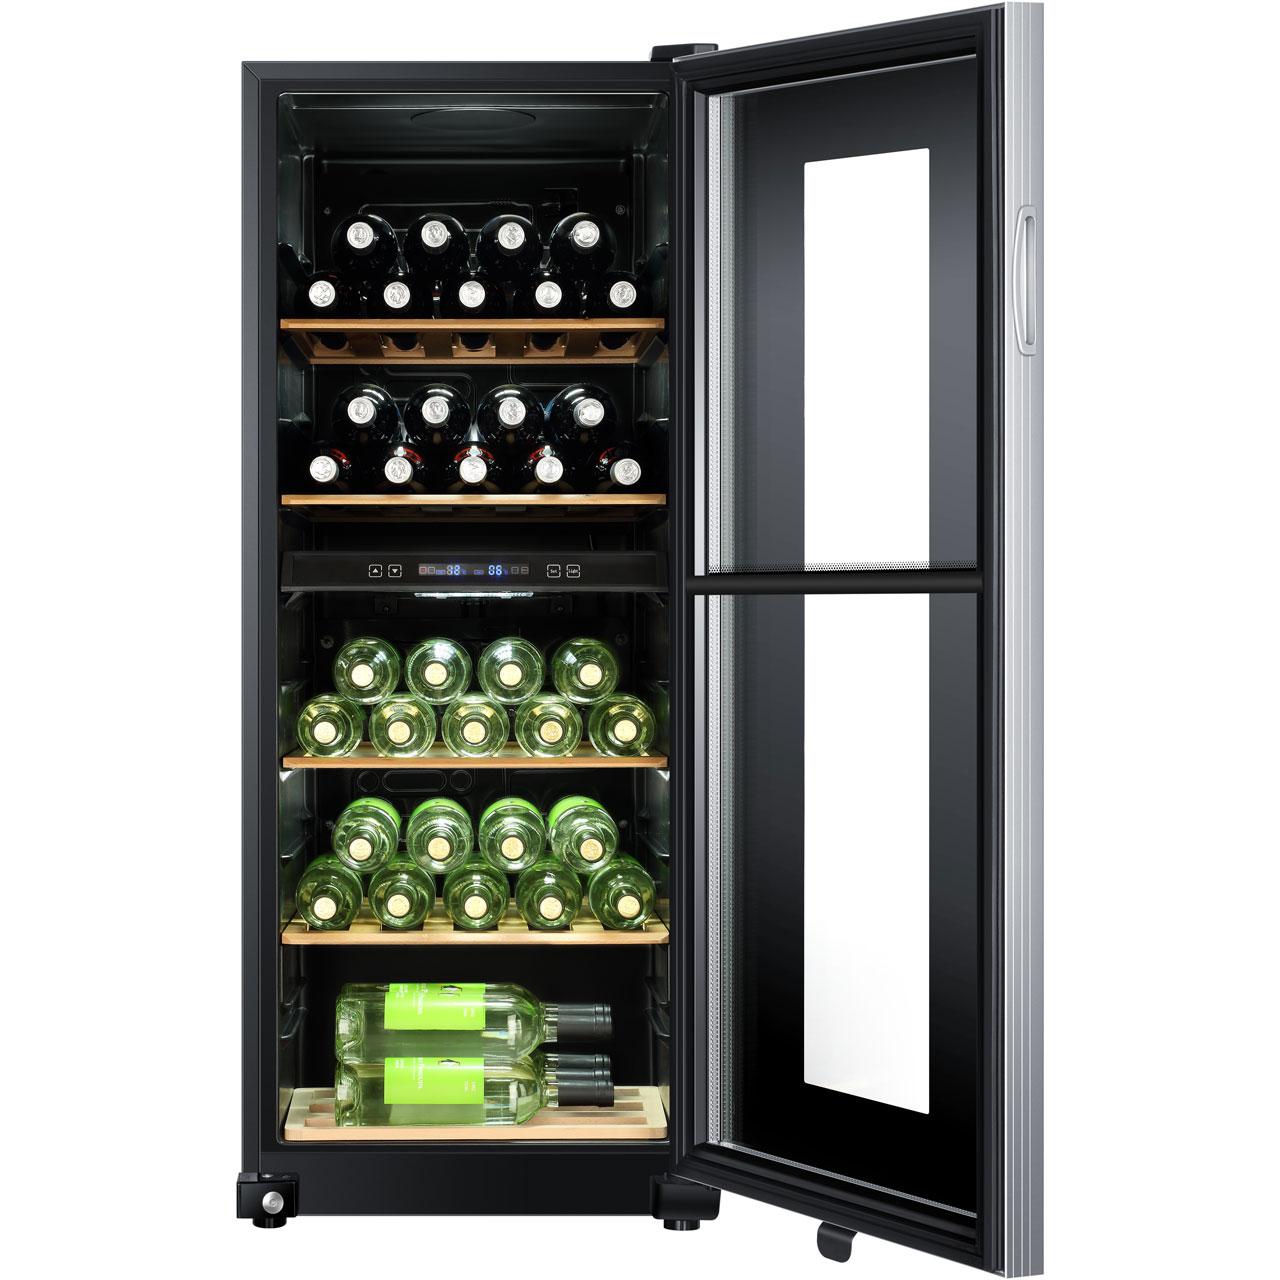 haier ws46gdbe wine cooler black. Black Bedroom Furniture Sets. Home Design Ideas